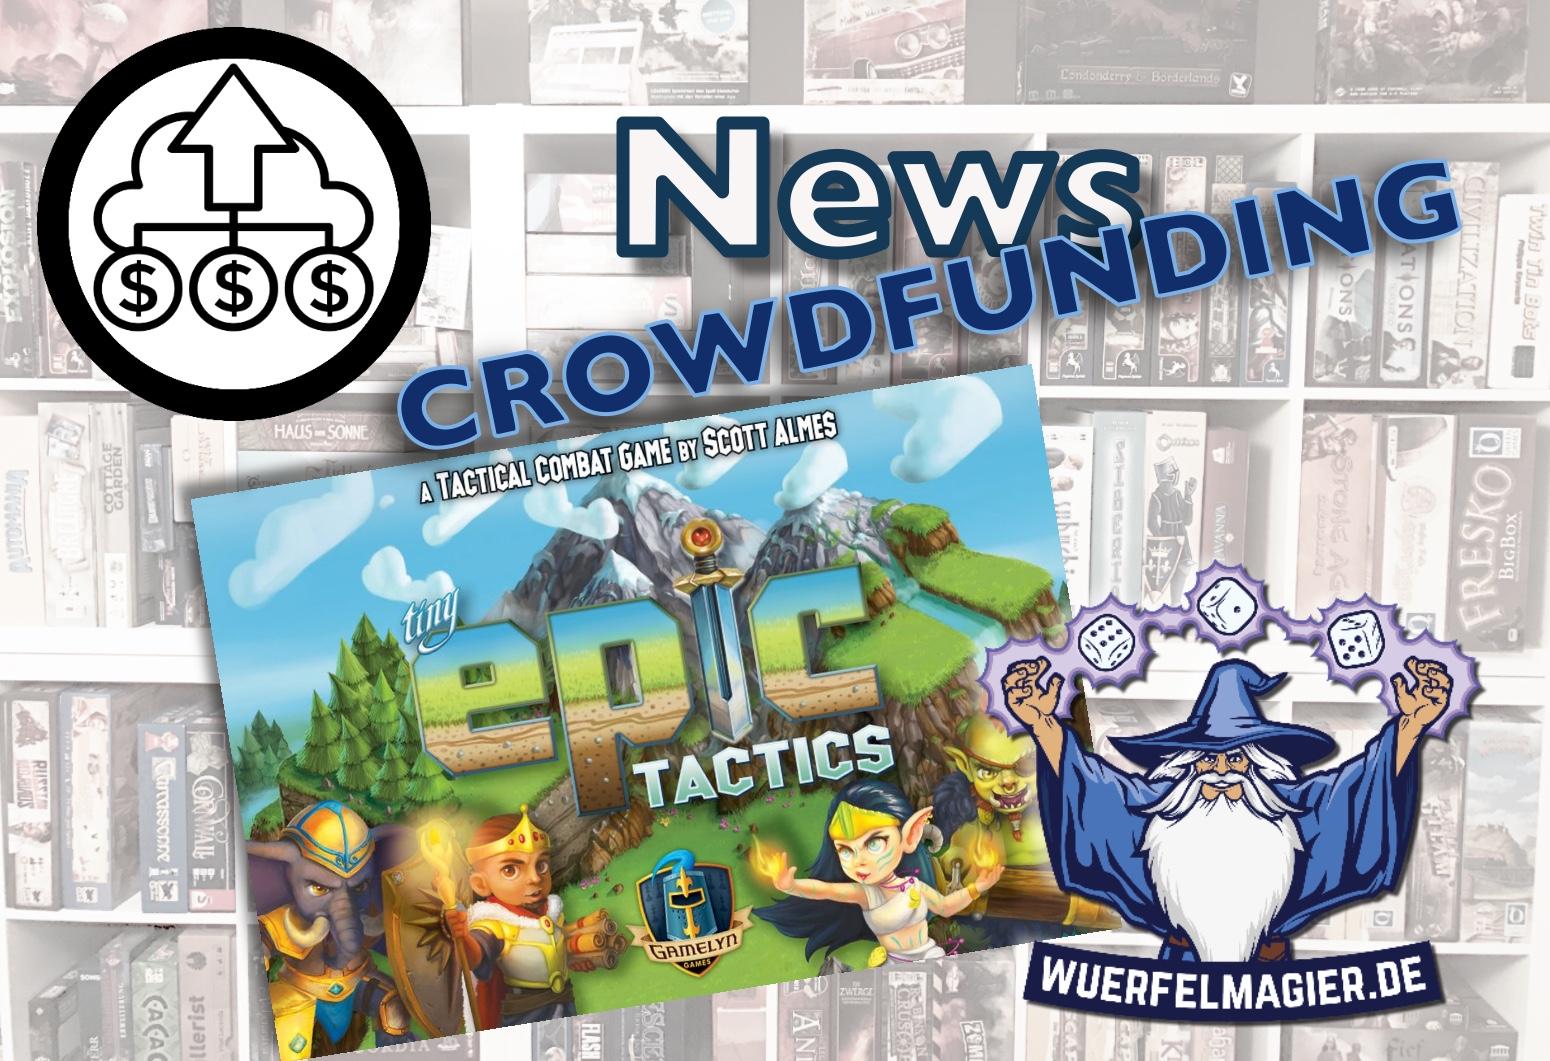 Tiny Epic Tactics Crowdfunding News Wuerfelmagier Würfelmagier